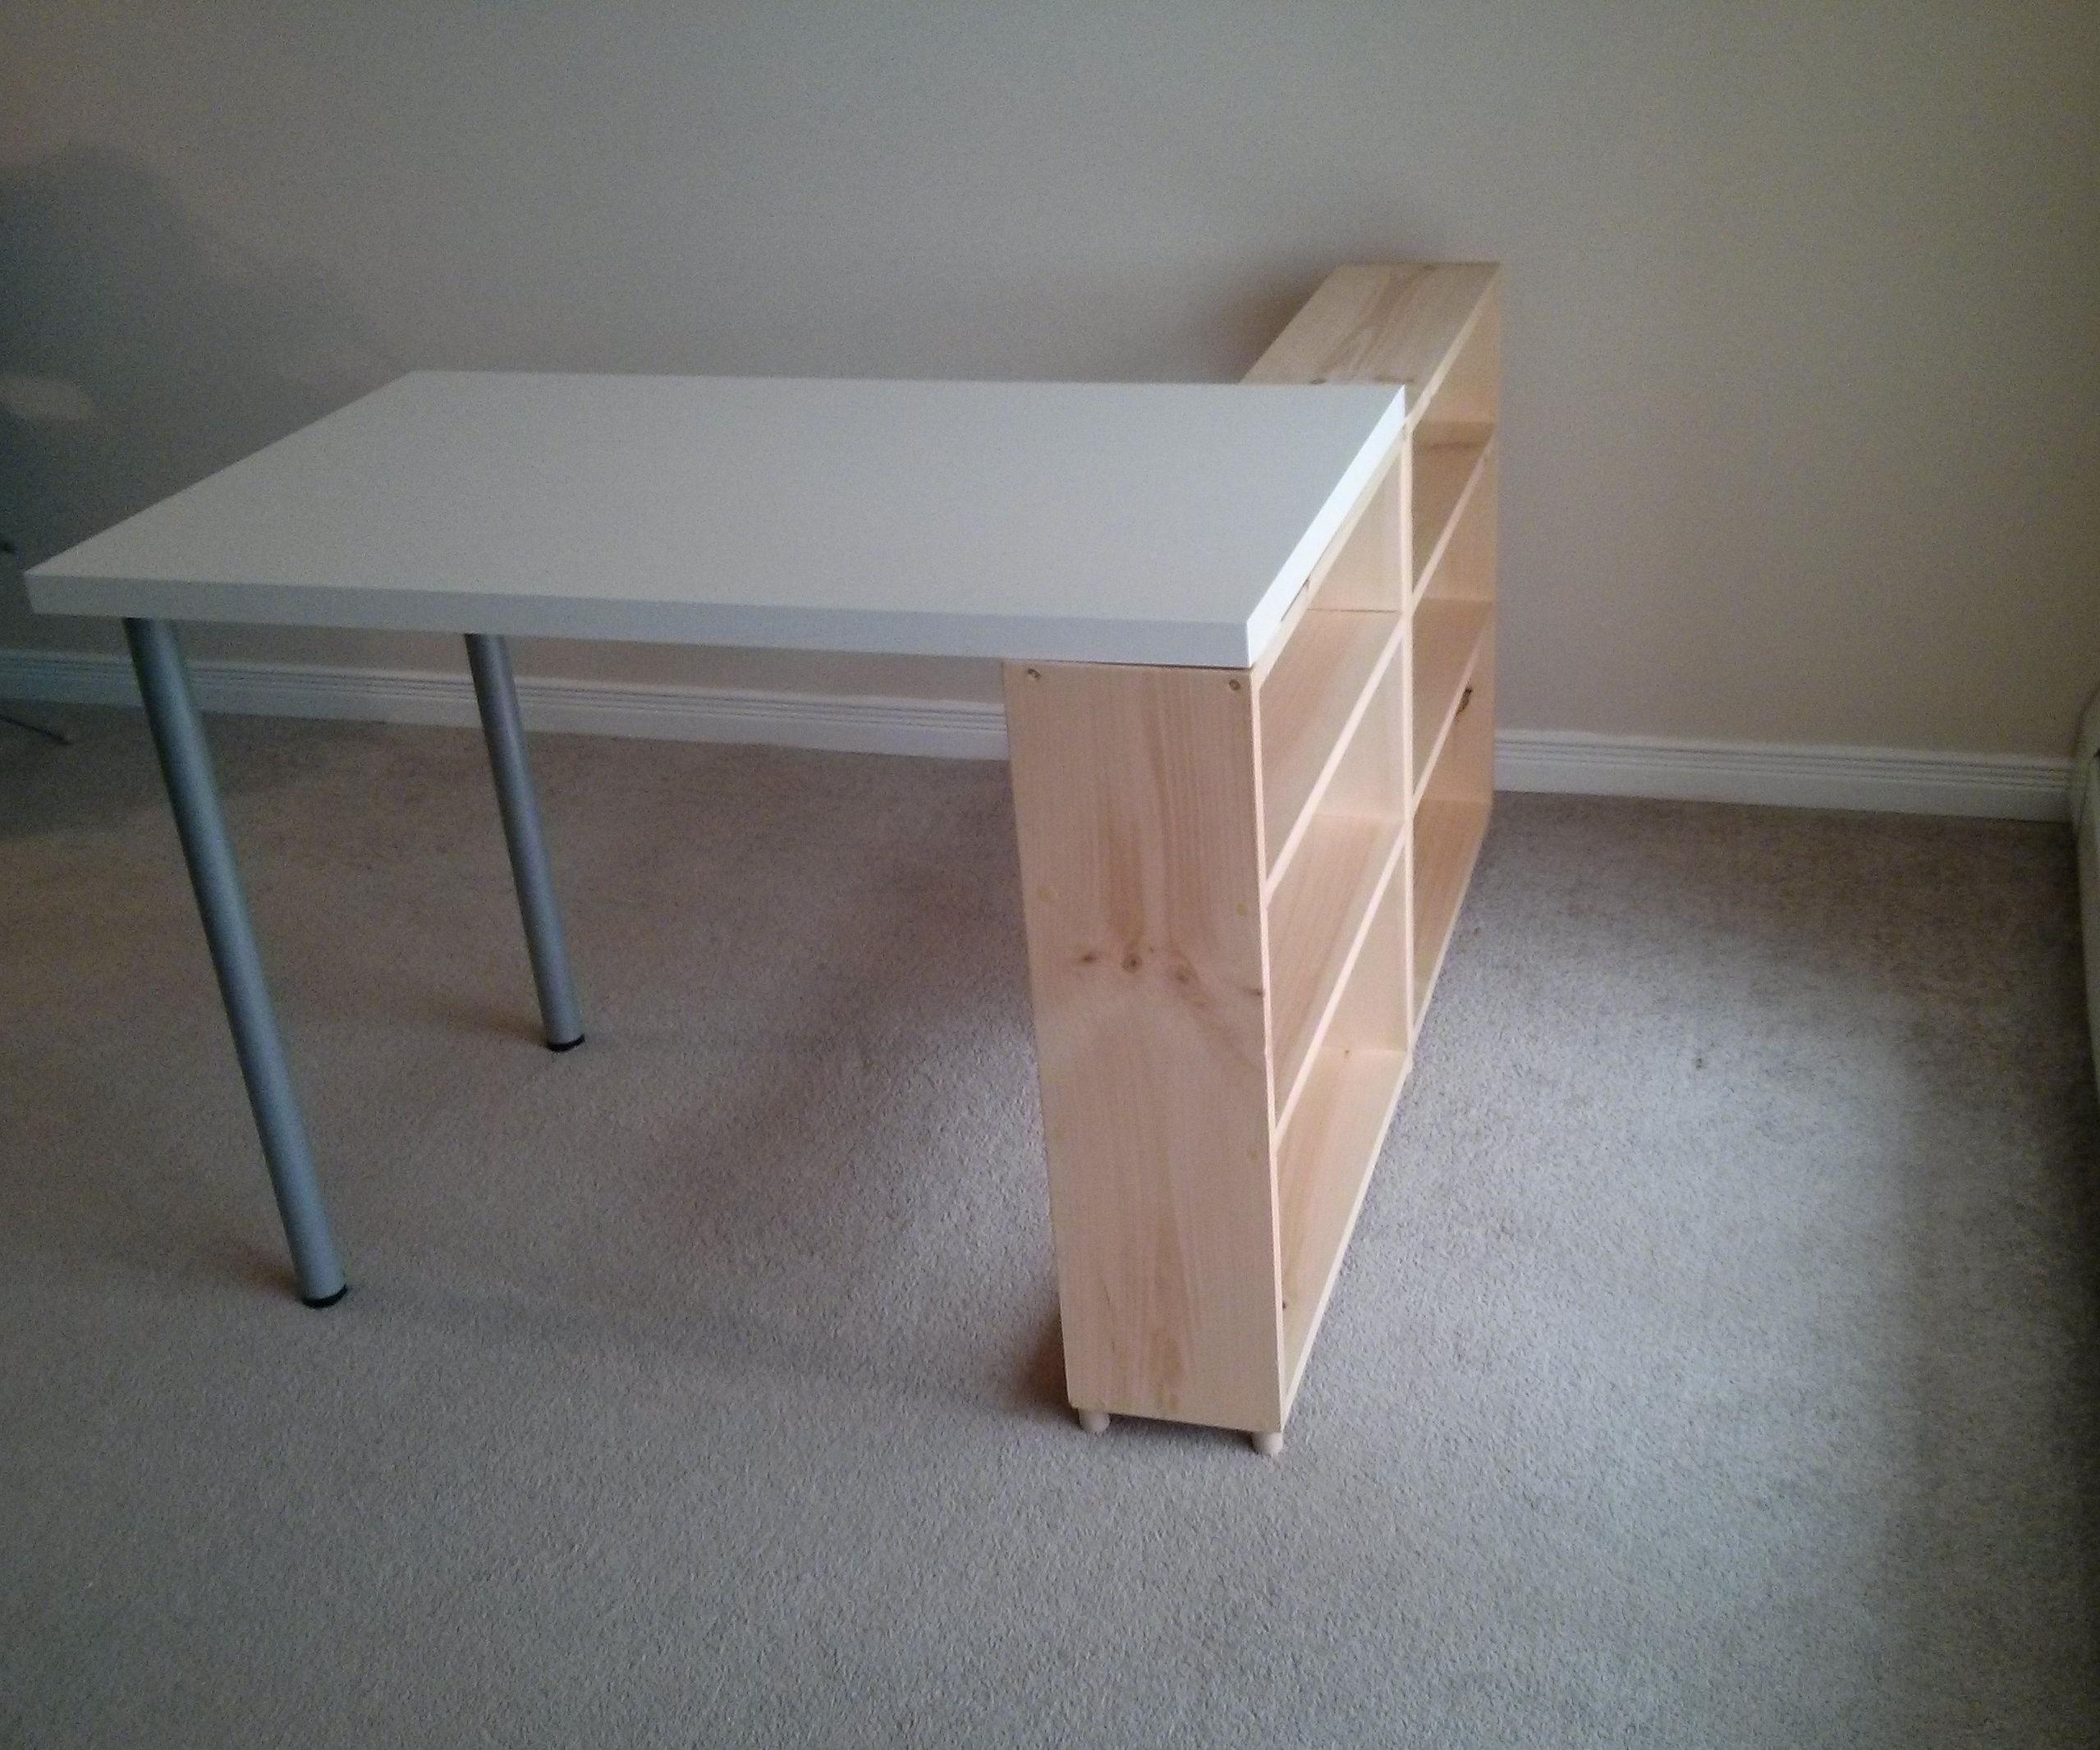 IKEA Table with under-shelf storage